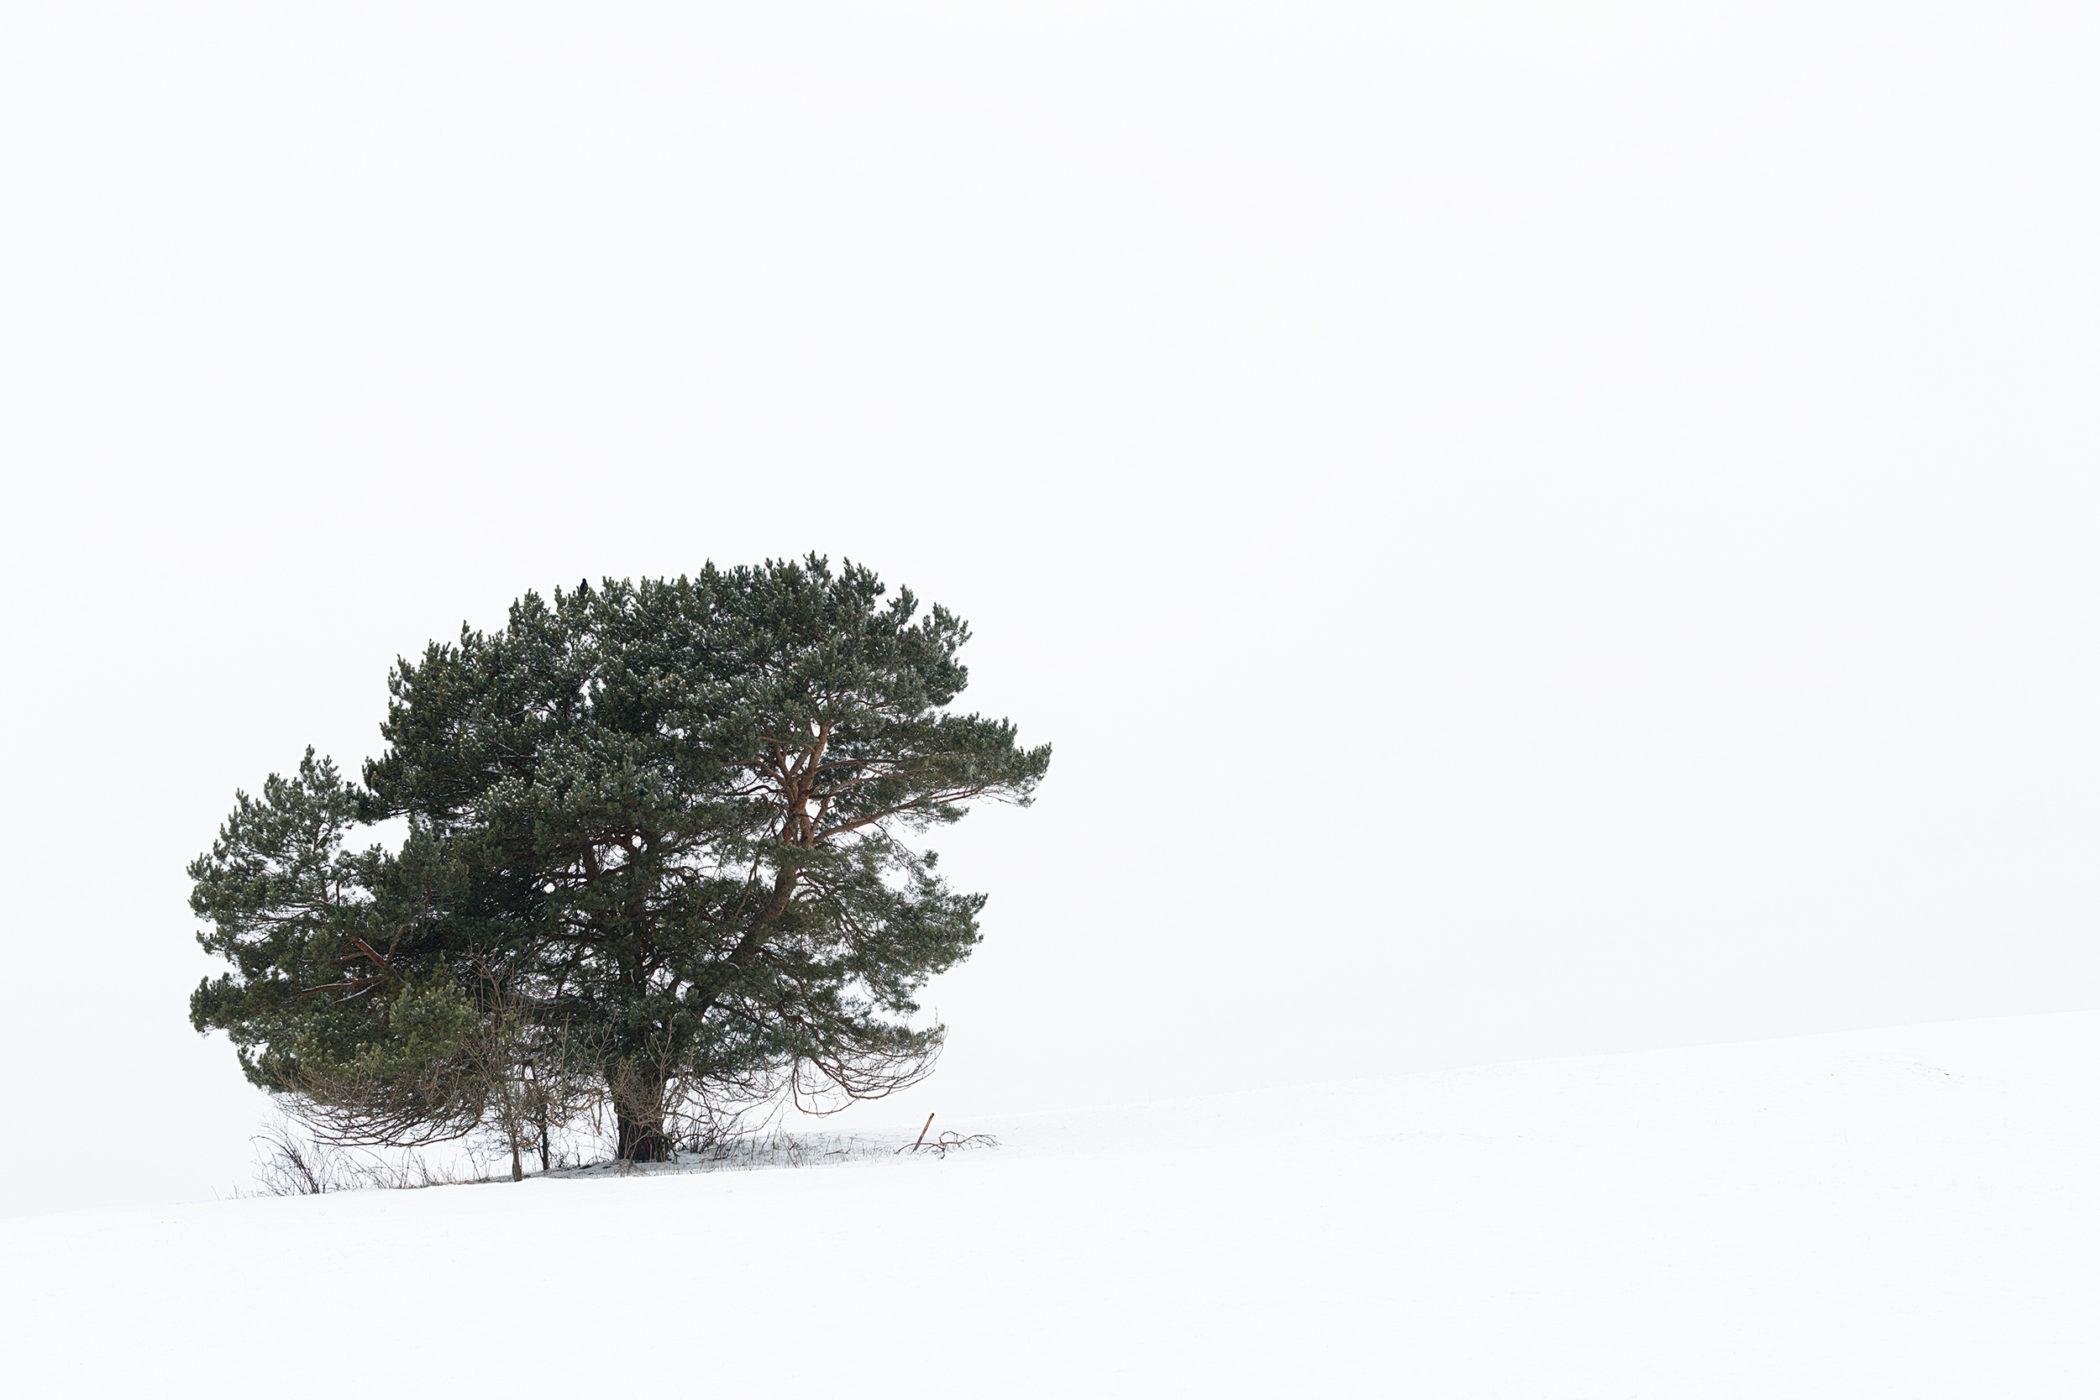 Ein einzeln stehender, verschneiter Baum beim Kalkfelsen nahe Undingen auf der Schwäbischen Alb.